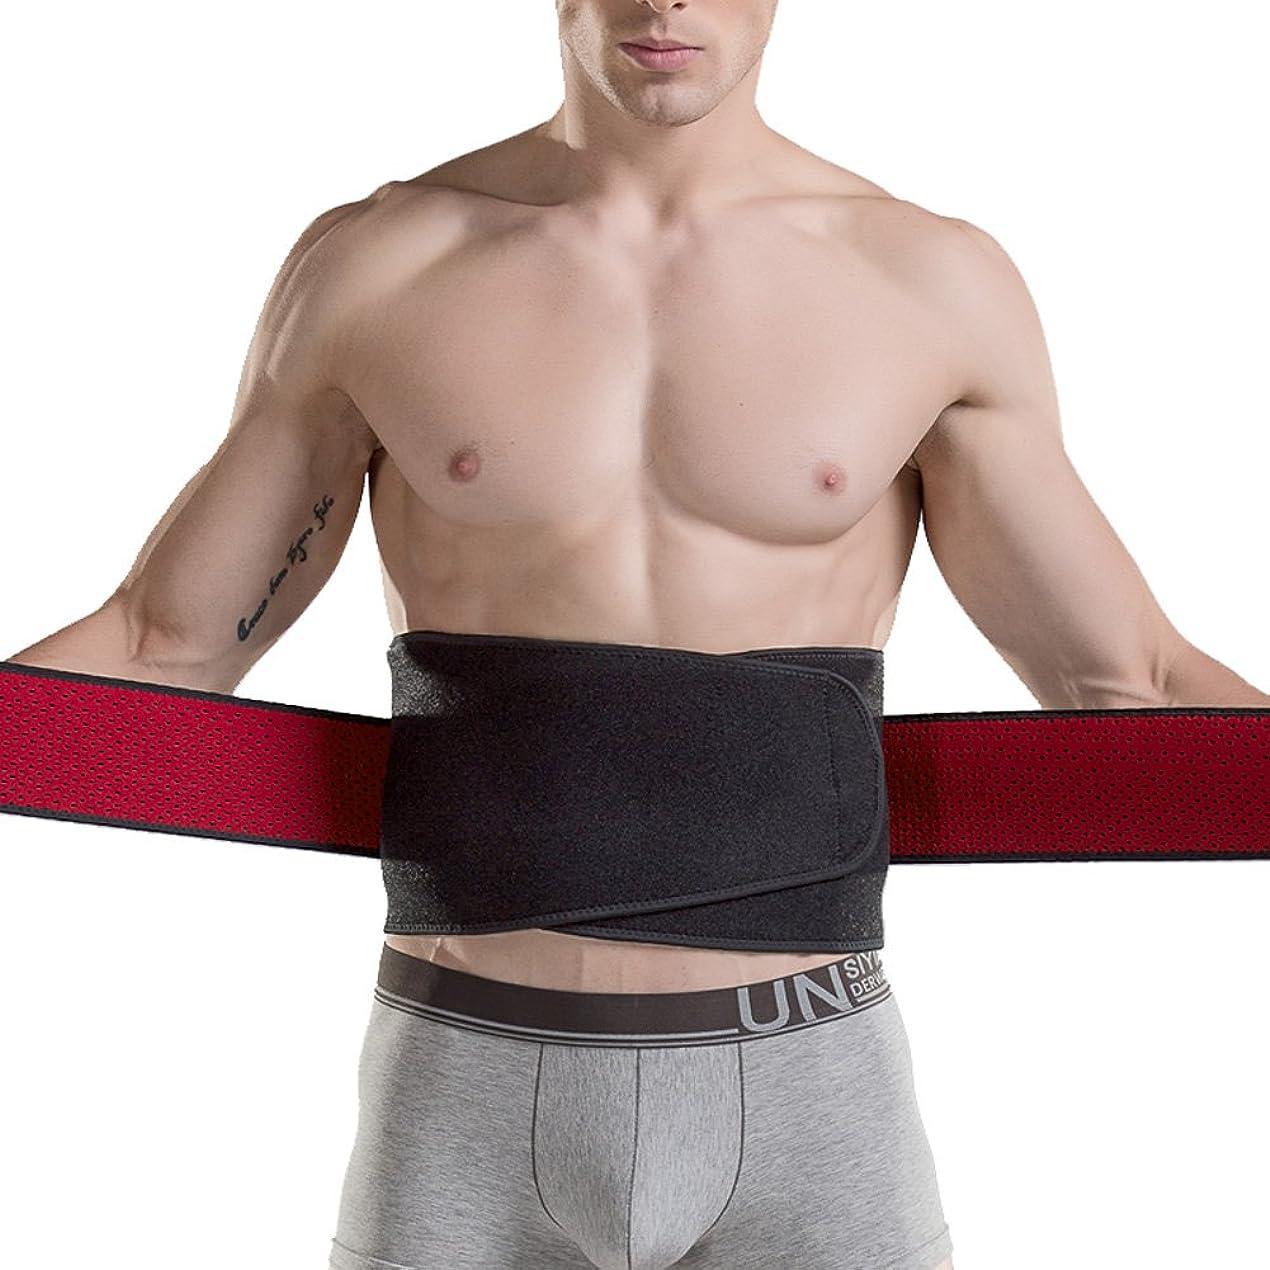 当社きょうだい勝利した[RSWHYY] メンズ ウエストサポーター 二重加圧 腹巻 調節可 ケガ防止 腰痛緩和 ジム フィットネス